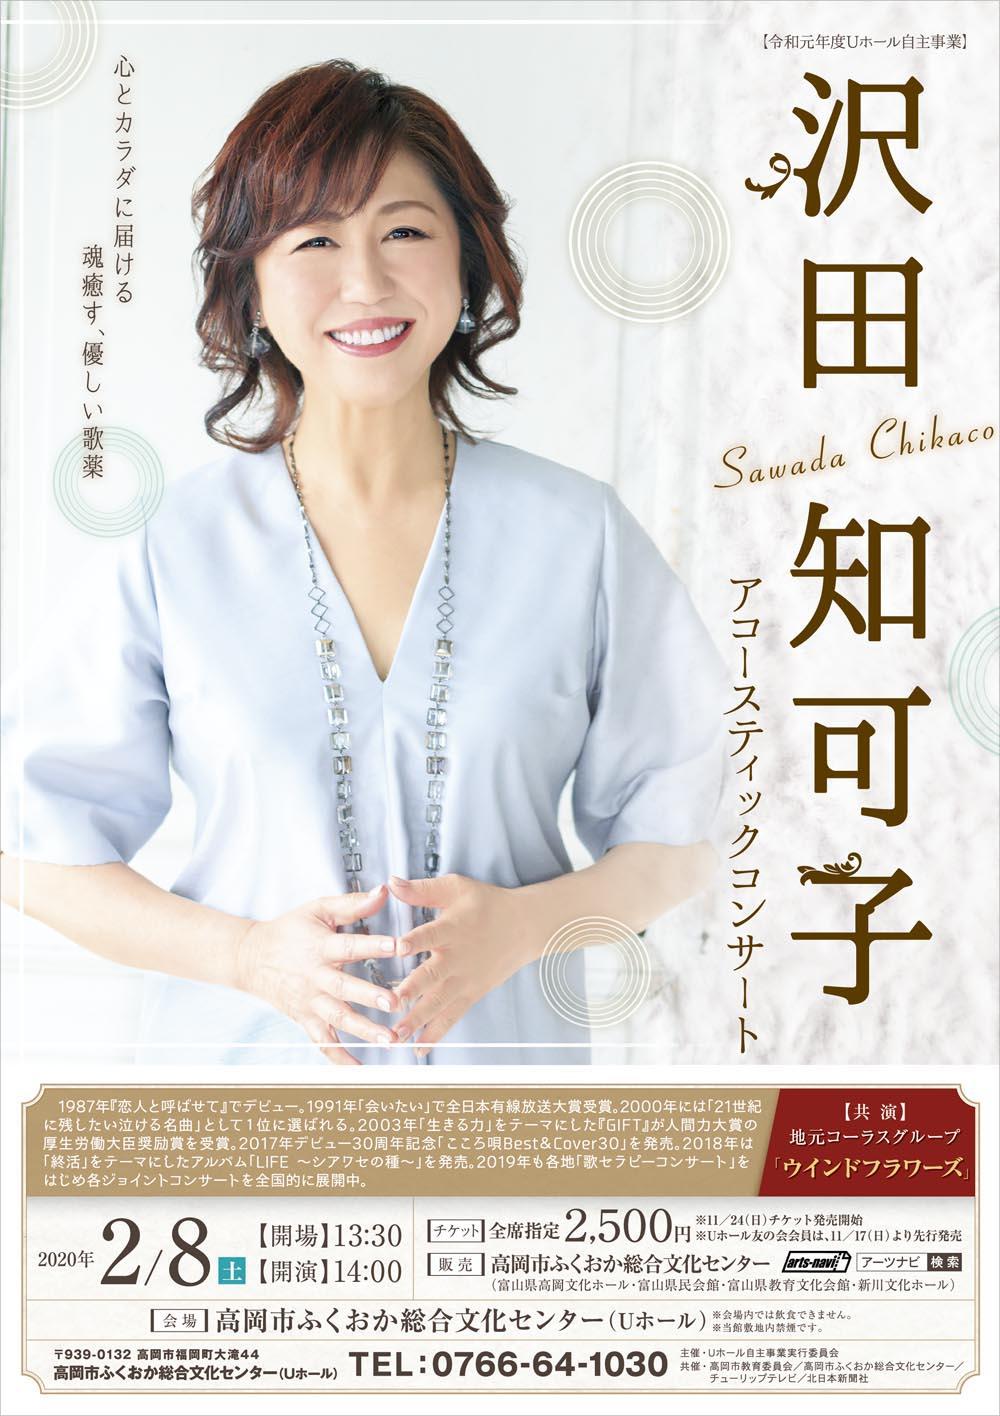 歌手・沢田知可子さんのコンサートのポスターと広告を製作しました。沢田知可子さんのやわらかな印象が伝わるデザインにしました。